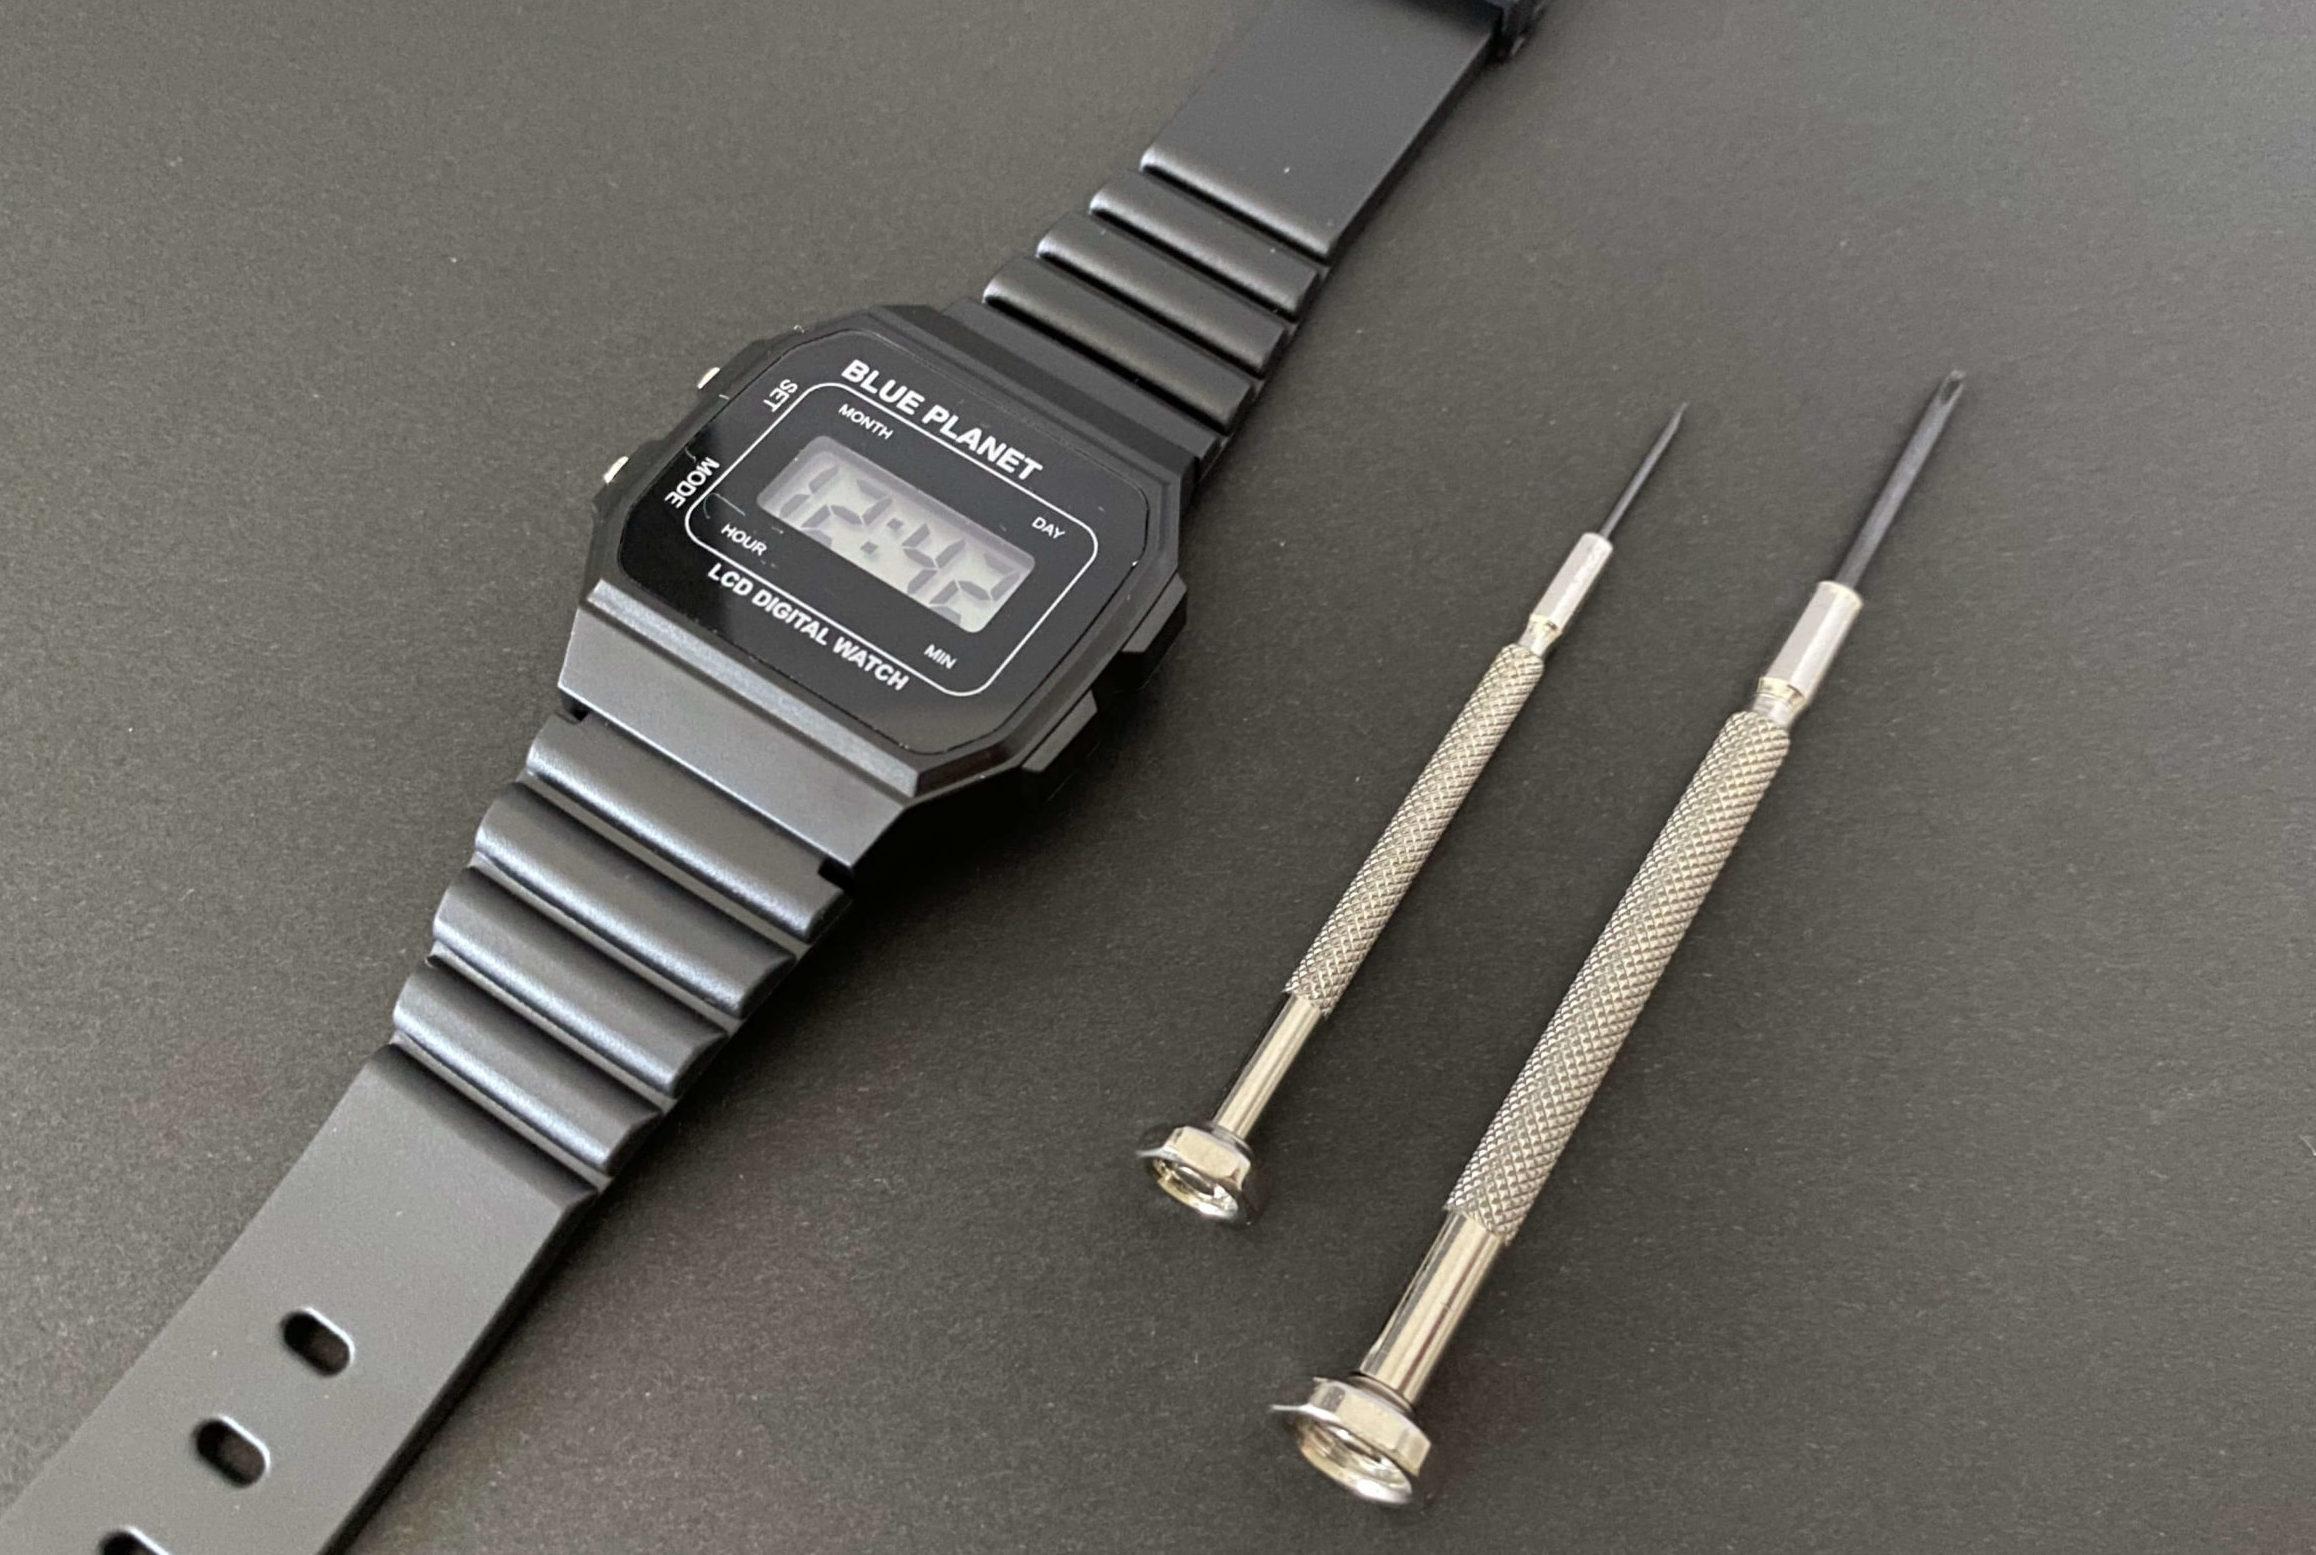 LR41を電池交換されたダイソー腕時計